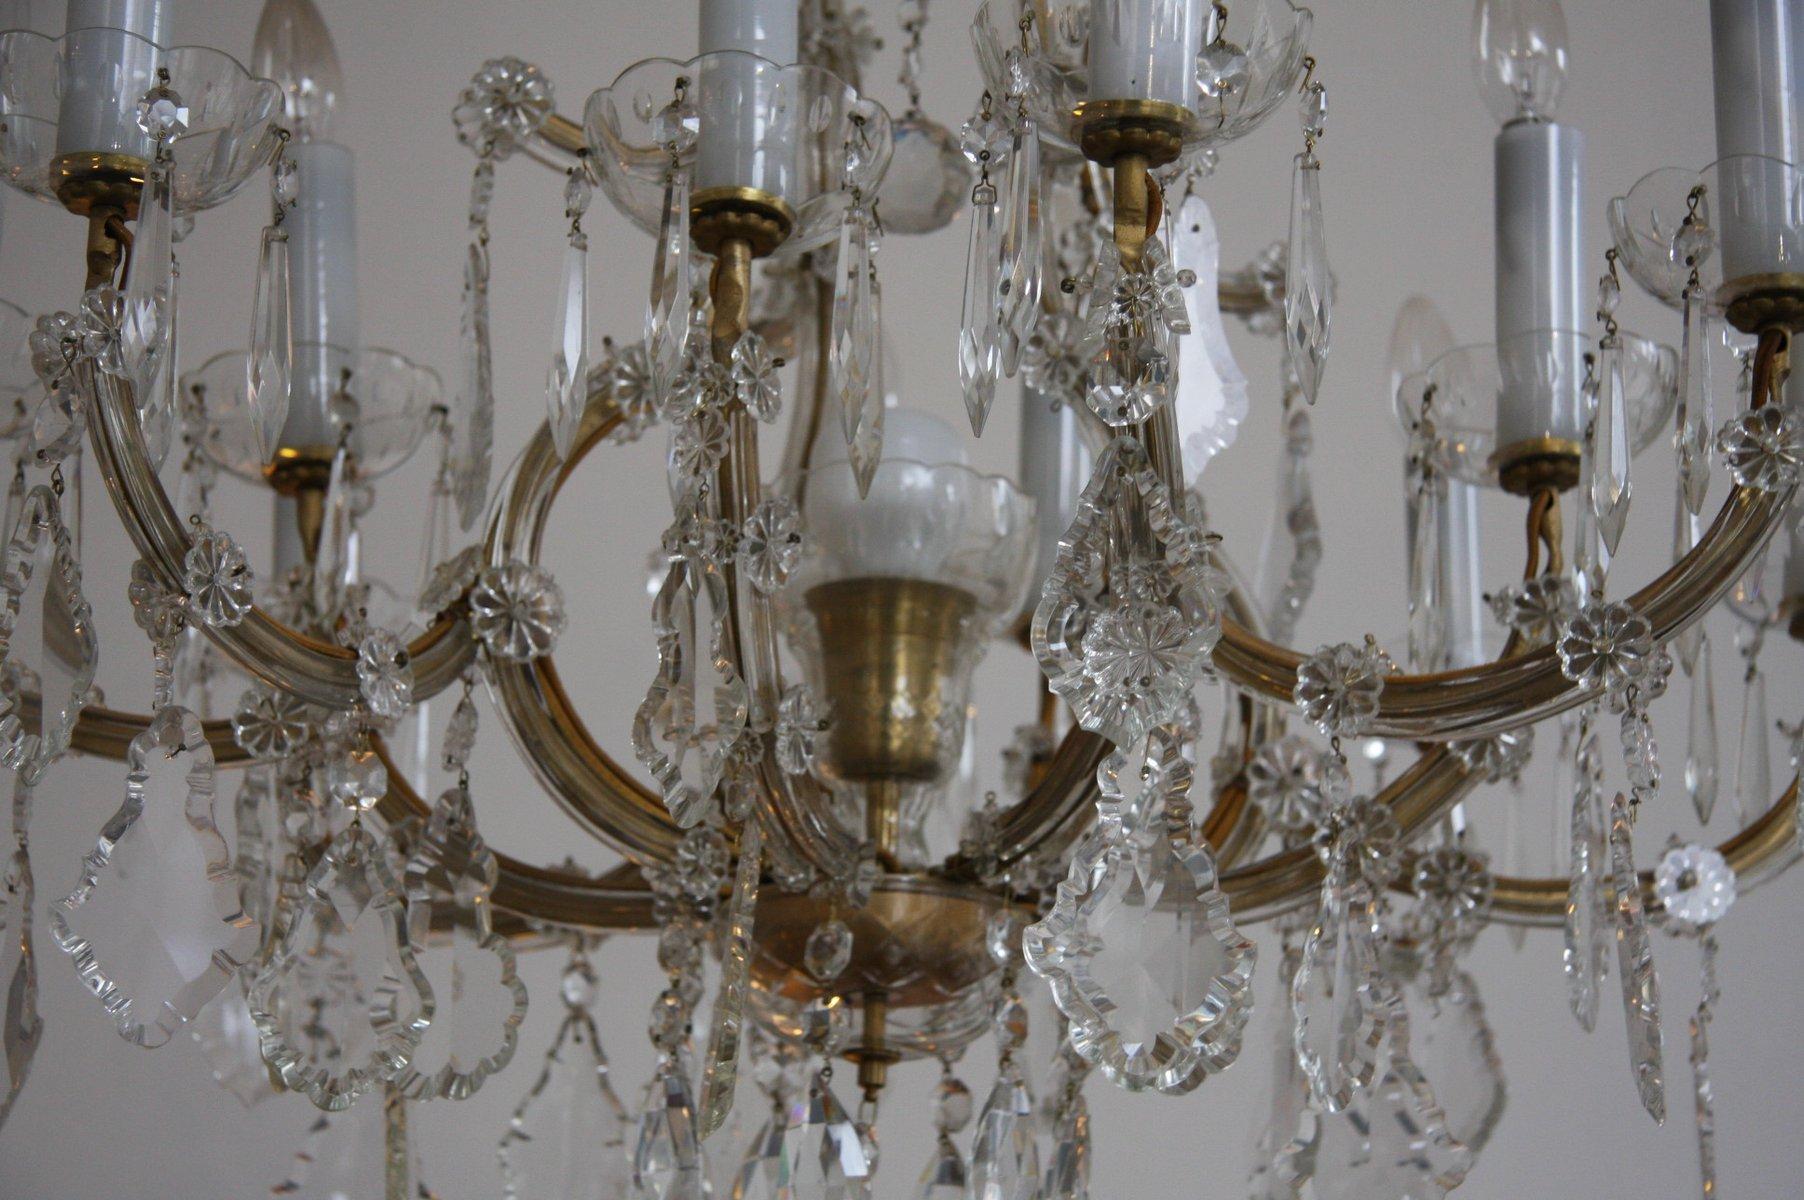 Lampadario Antico Con Angeli : Lampadario antico ottone e cristallo lampadario antico di